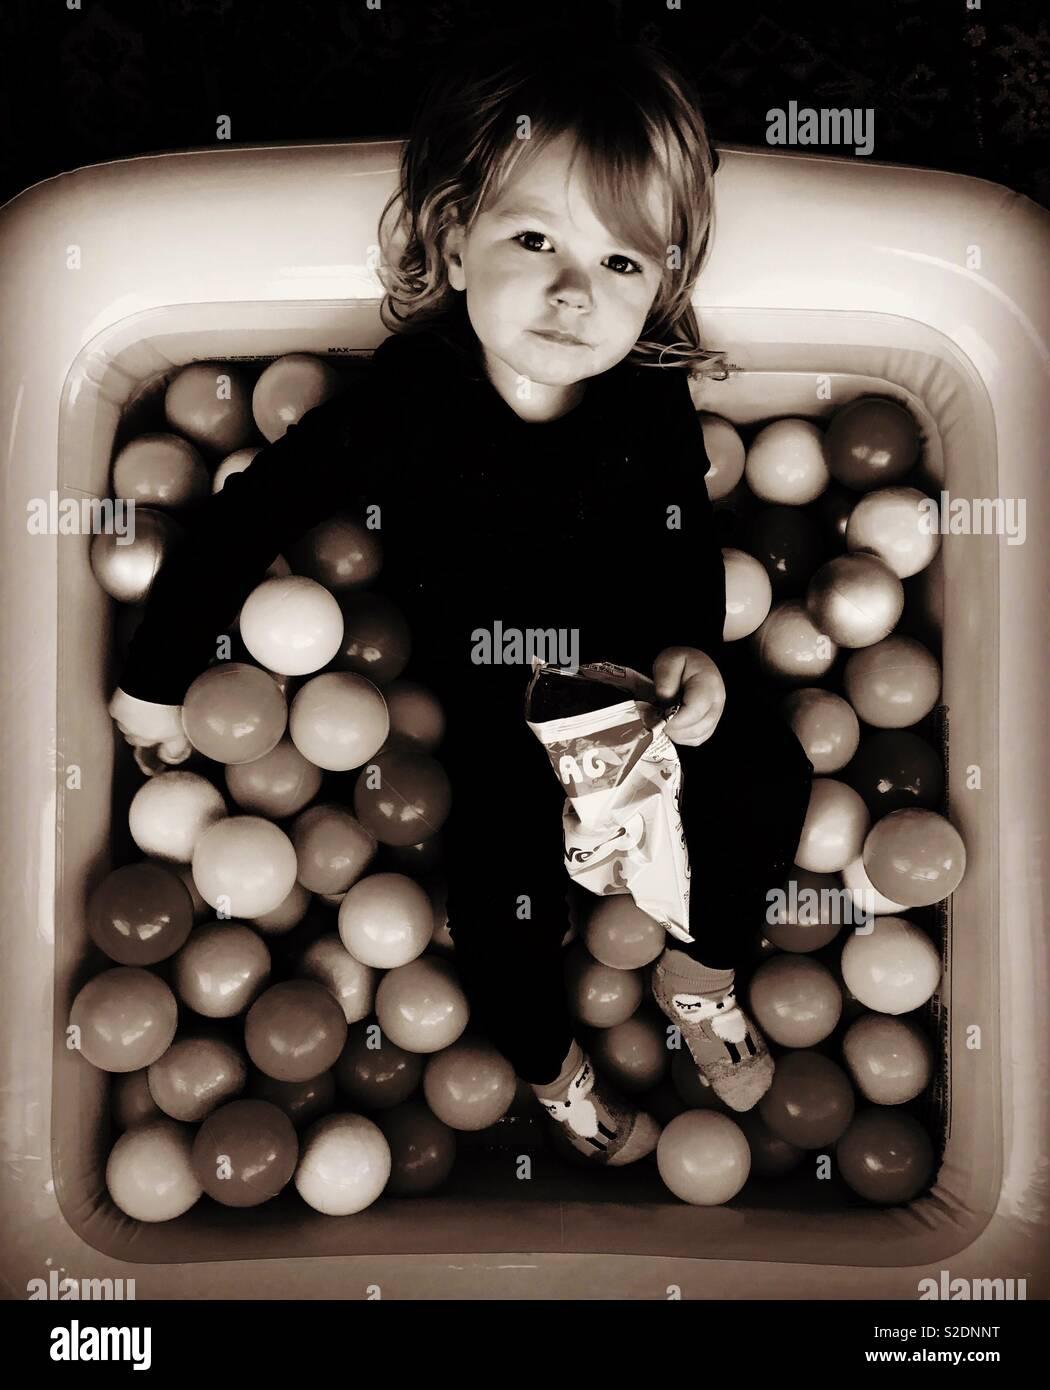 Meus amigos filha possuir a bola pit.. Imagens de Stock